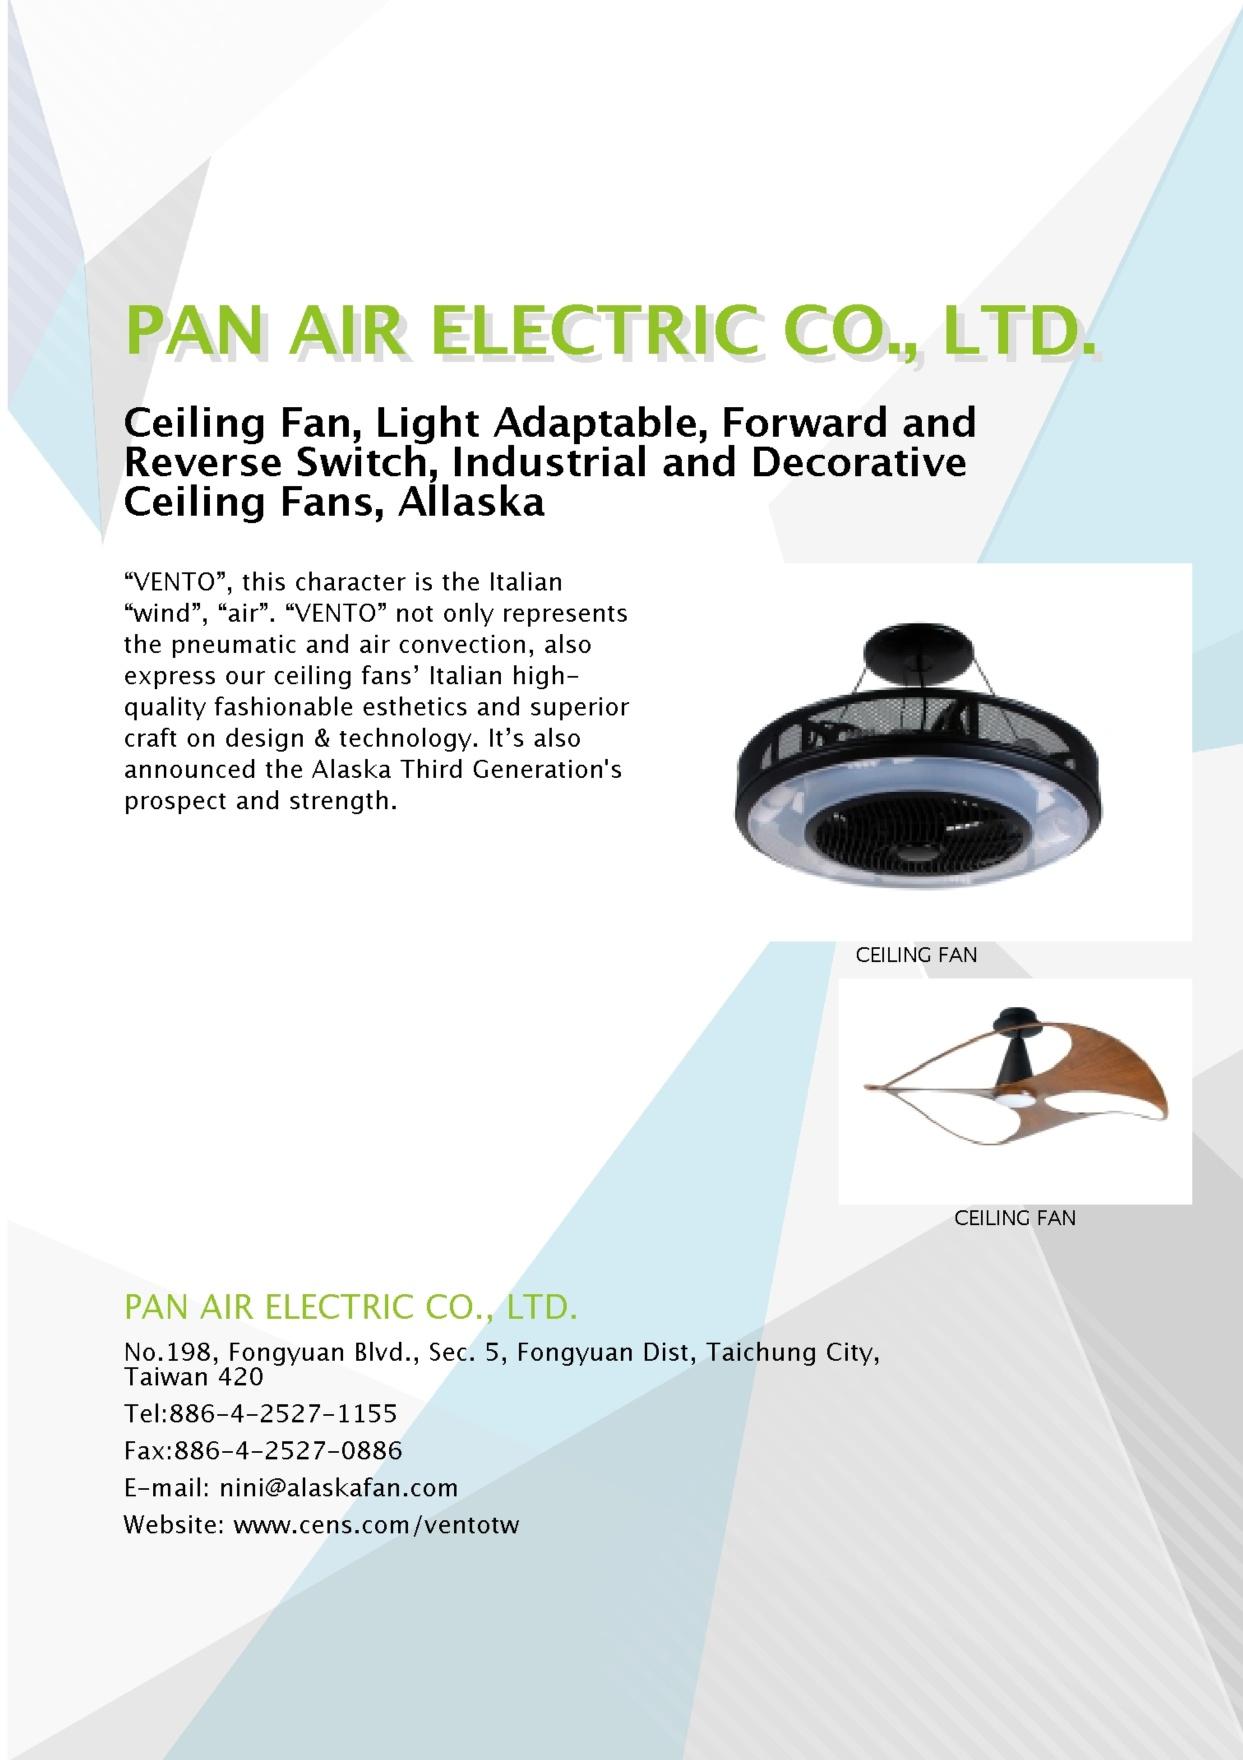 PAN AIR ELECTRIC CO., LTD.